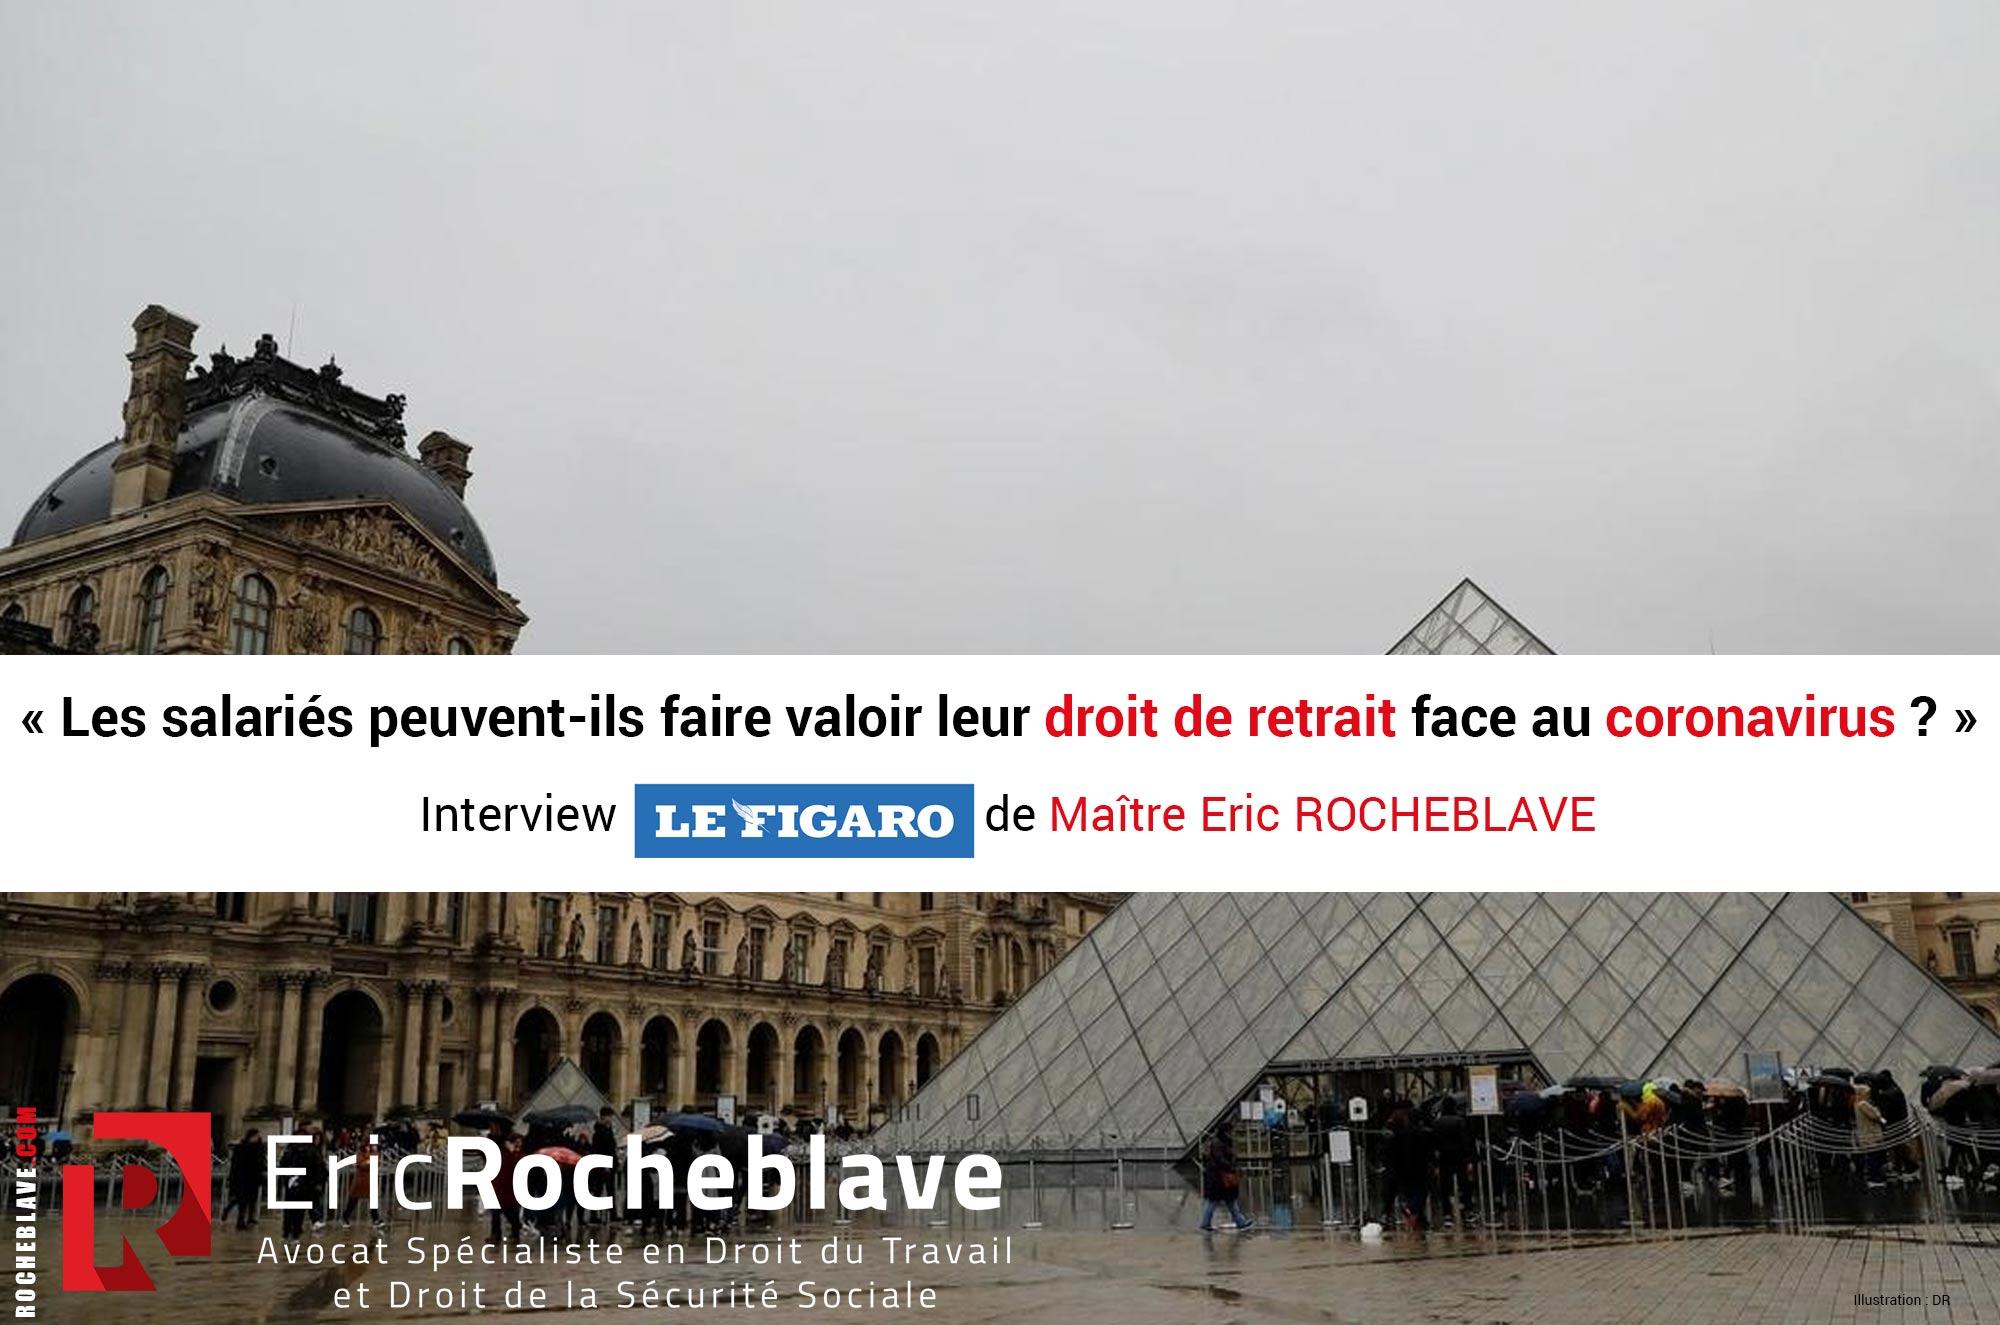 « Les salariés peuvent-ils faire valoir leur droit de retrait face au coronavirus ? » Interview Le FIGARO de Maître Eric ROCHEBLAVE